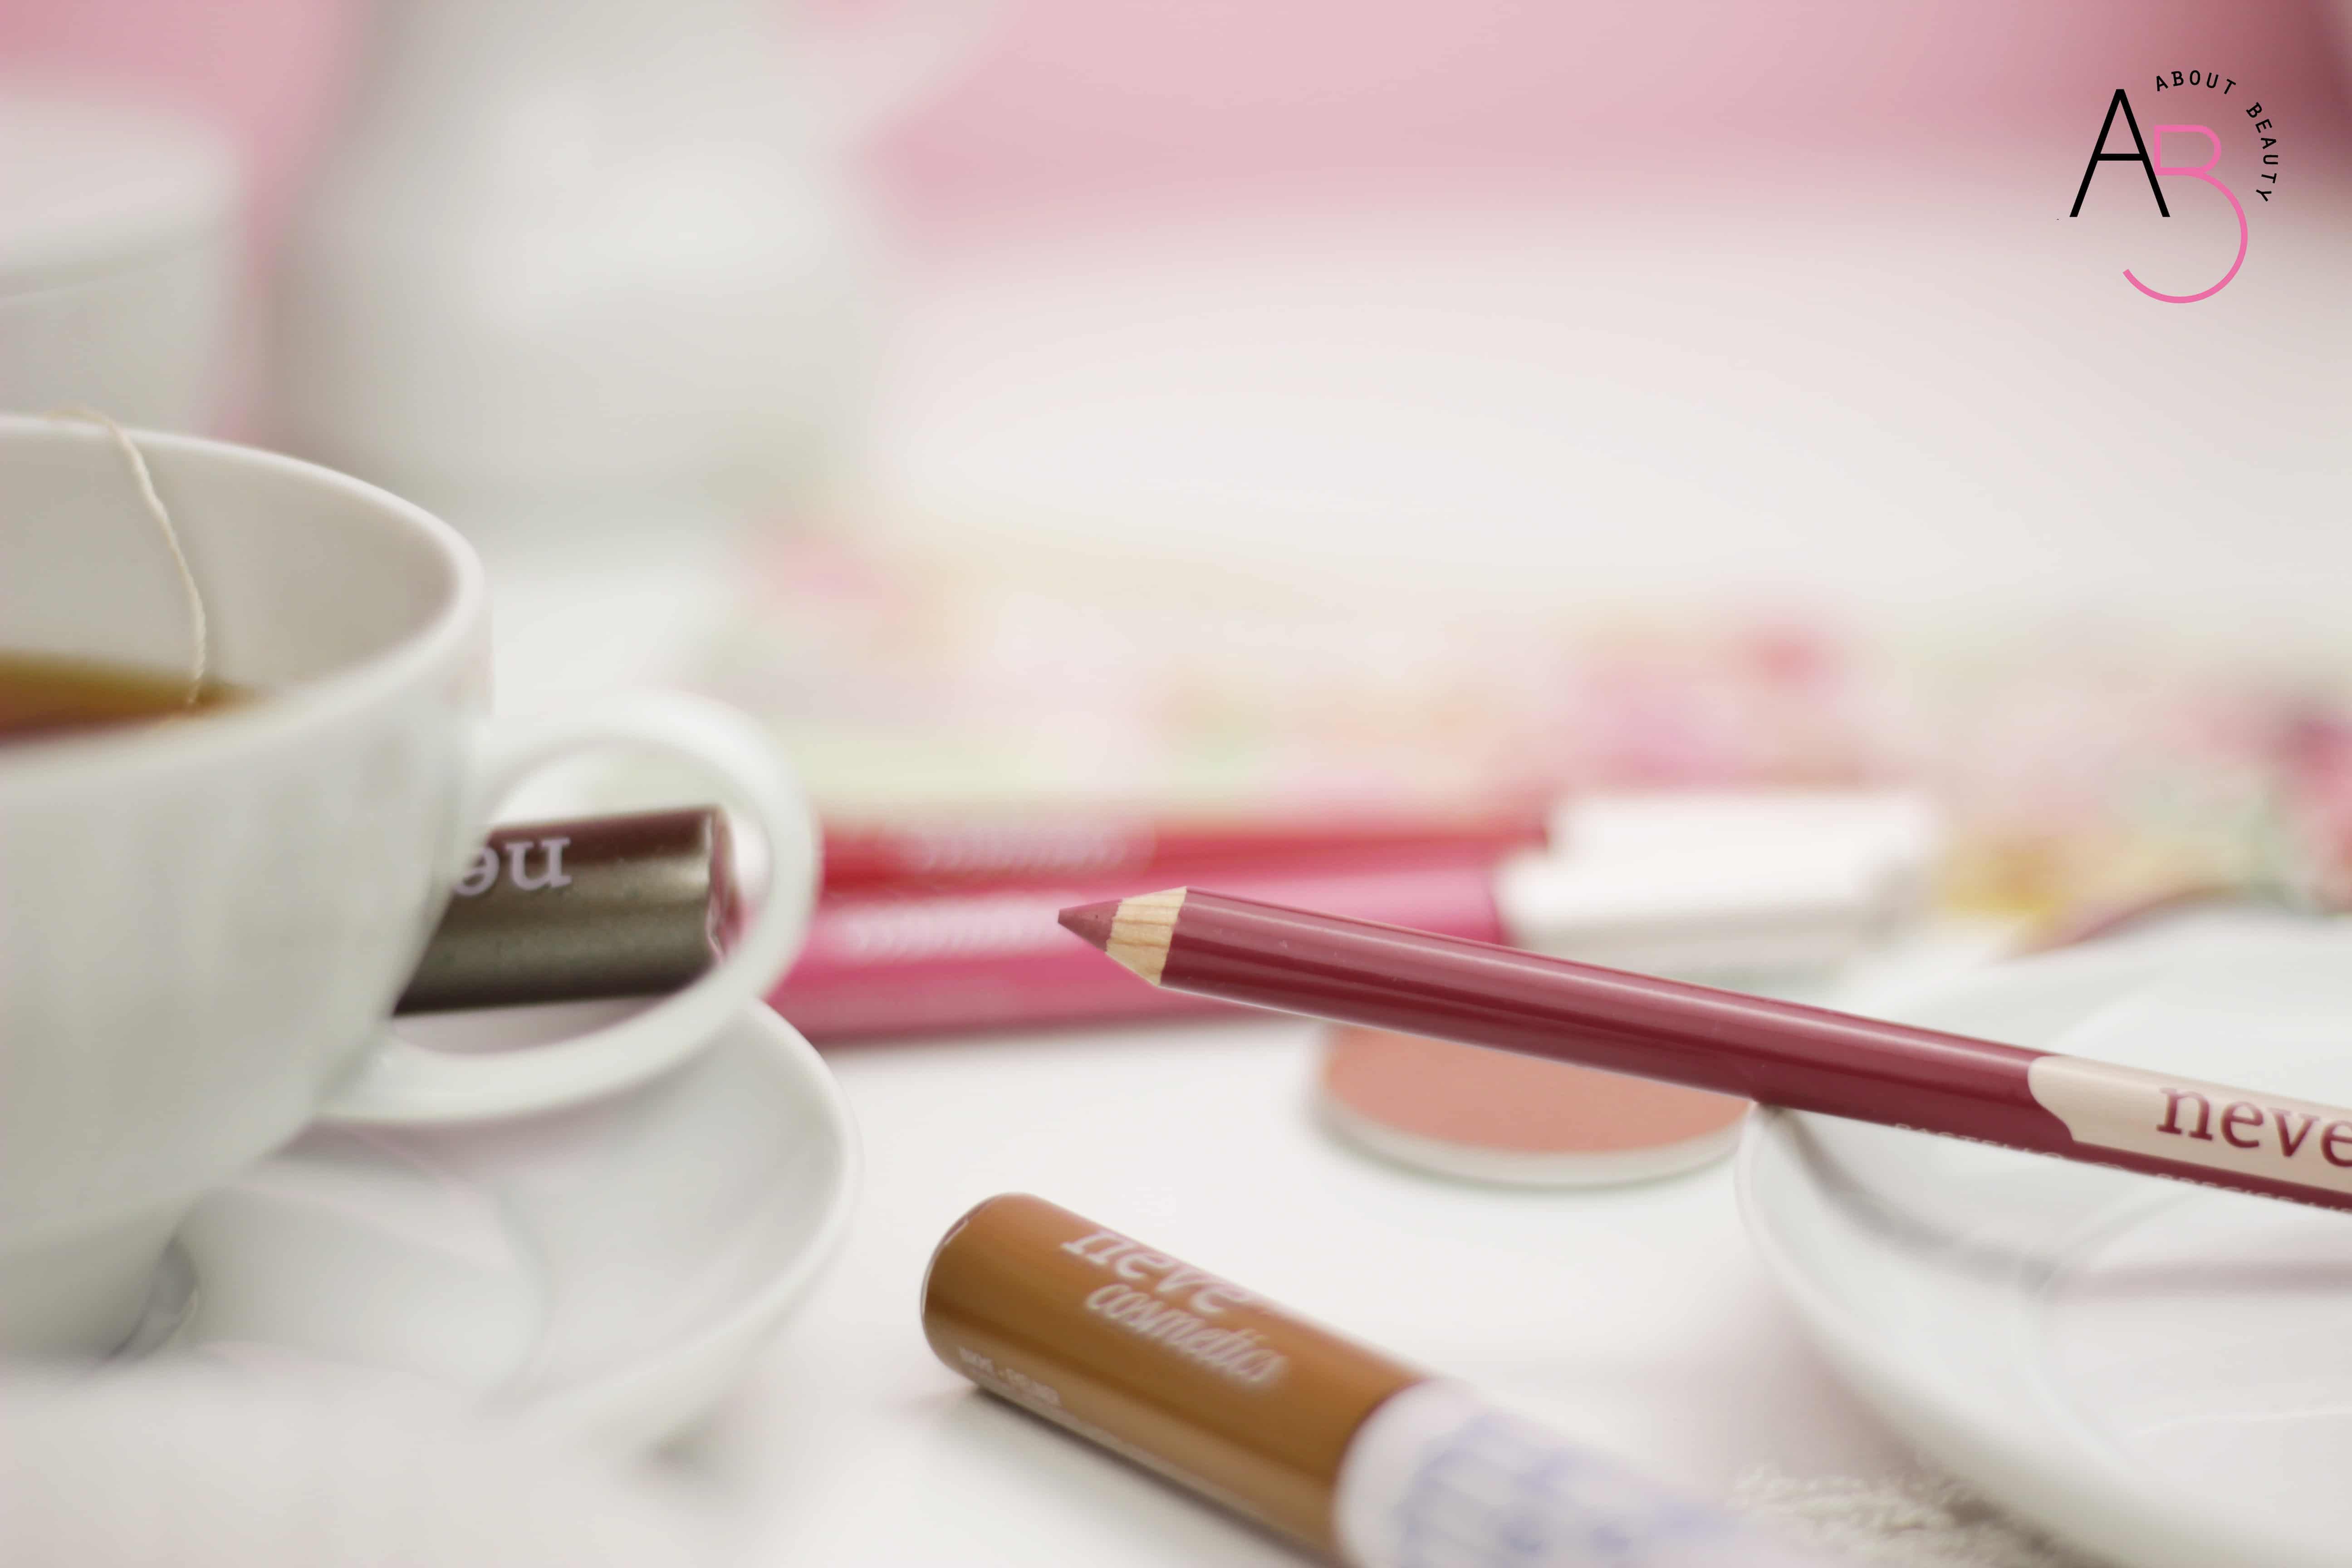 Neve Cosmetics Tea Time Collection, la nuova collezione primavera 2018 dedicata alla poesia dell'ora del tè - Review, recensione, info, prezzo, swatch, tutorial, dove acquistare, promo - Matita rossetto Pastello Labbra Cloud